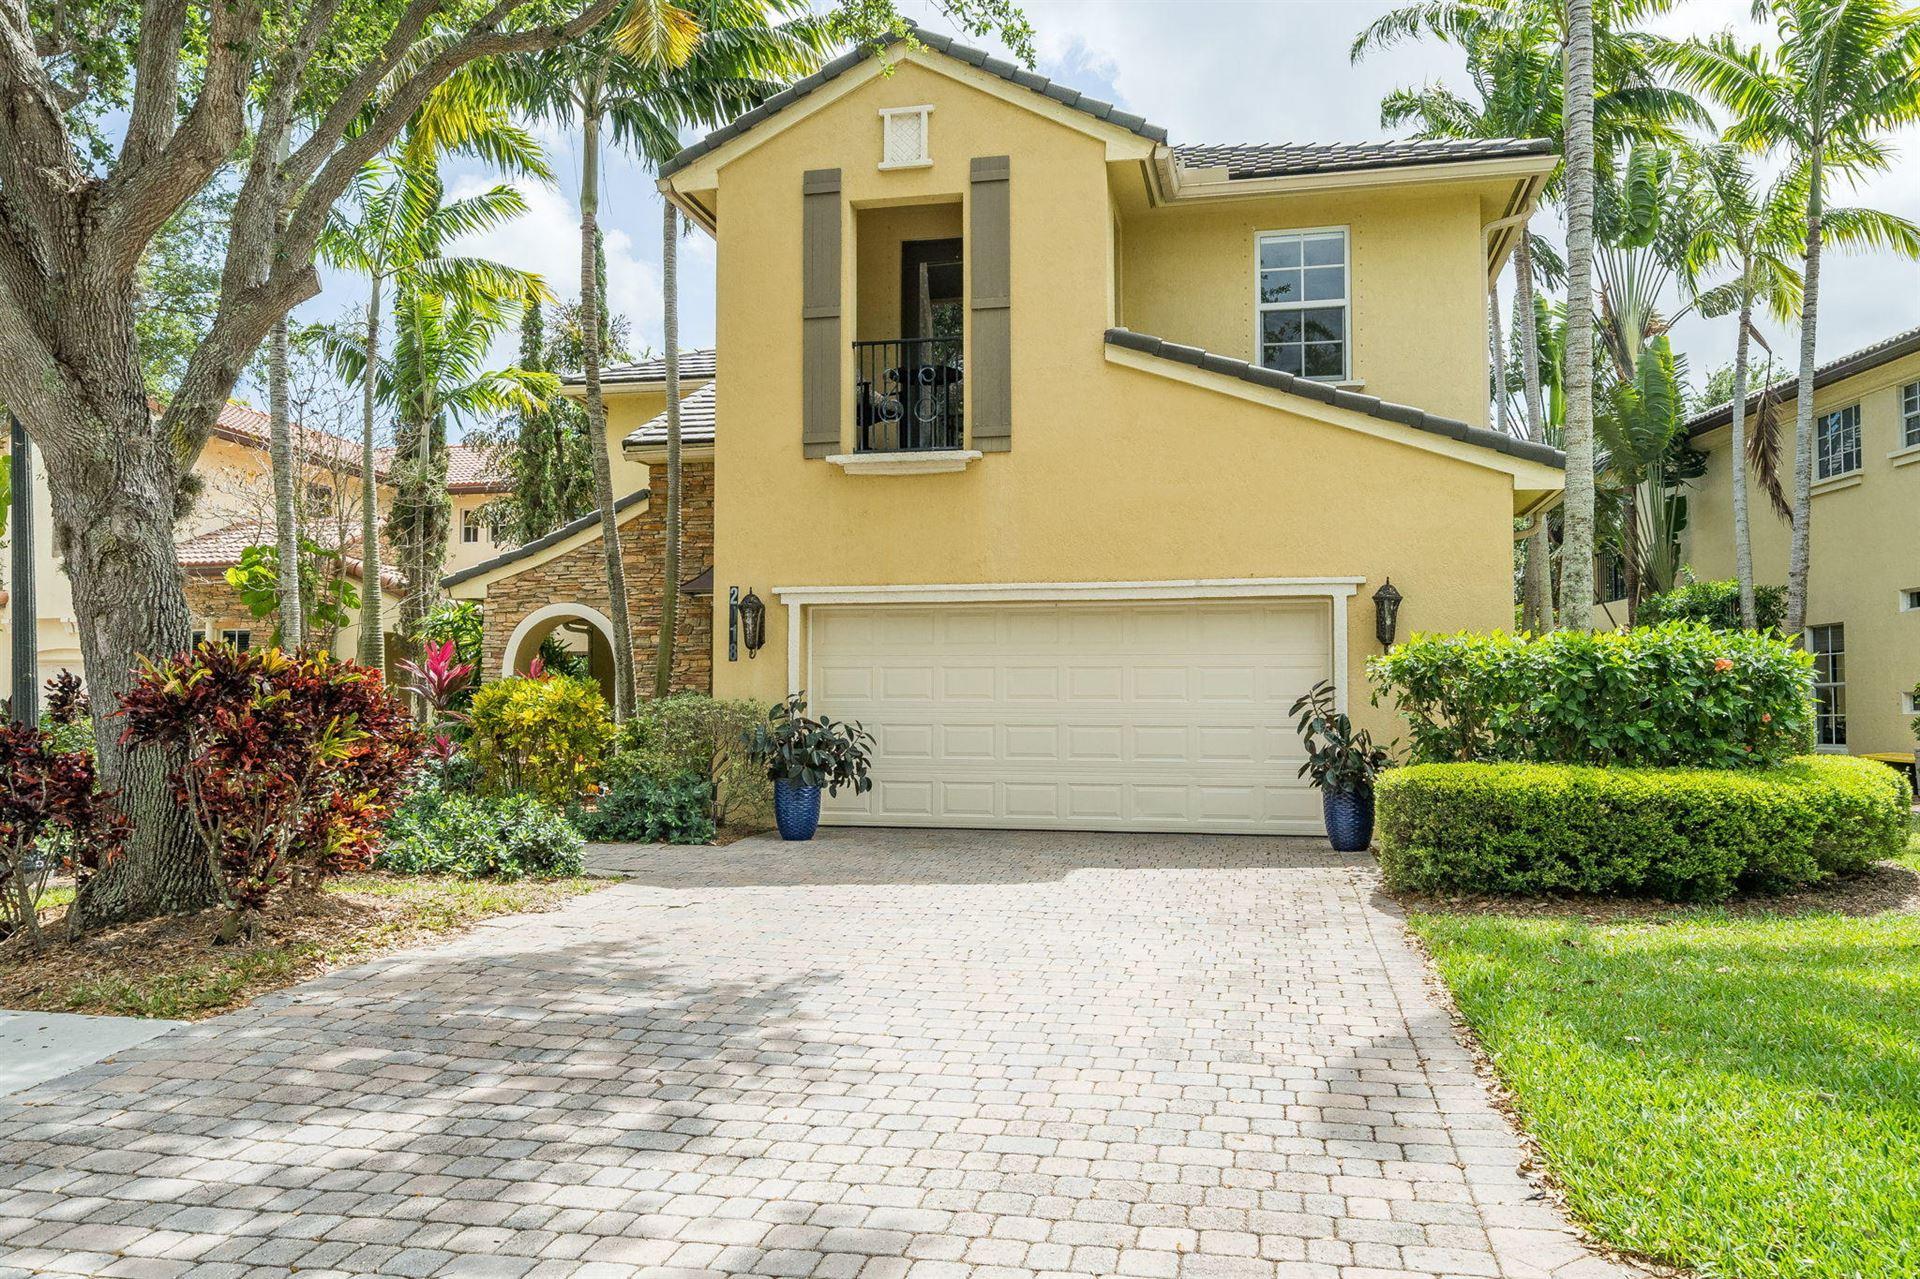 2018 Graden Drive, Palm Beach Gardens, FL 33410 - #: RX-10704572